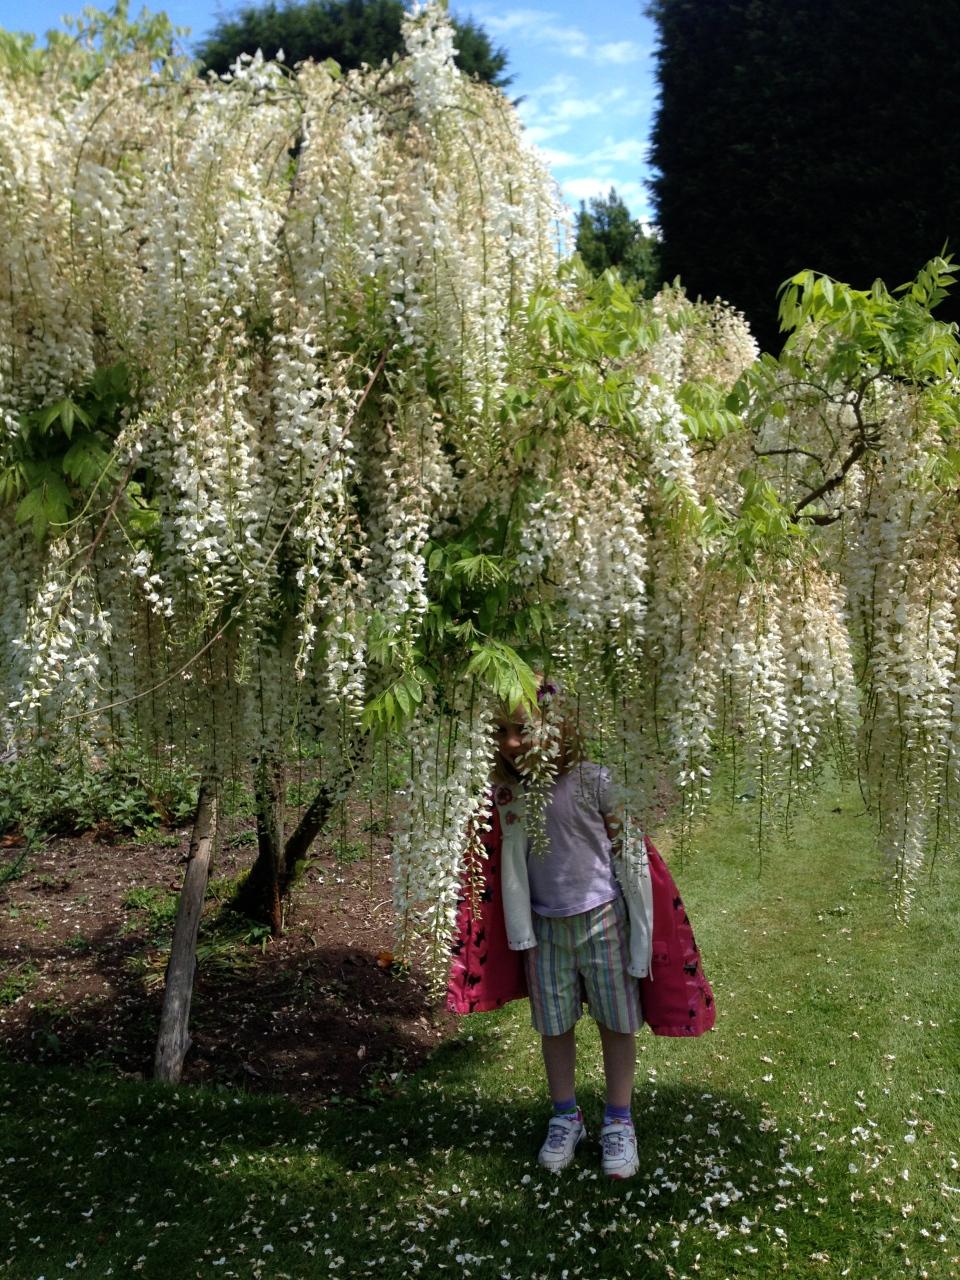 Honeysuckle, Les Bois Des Moutiers